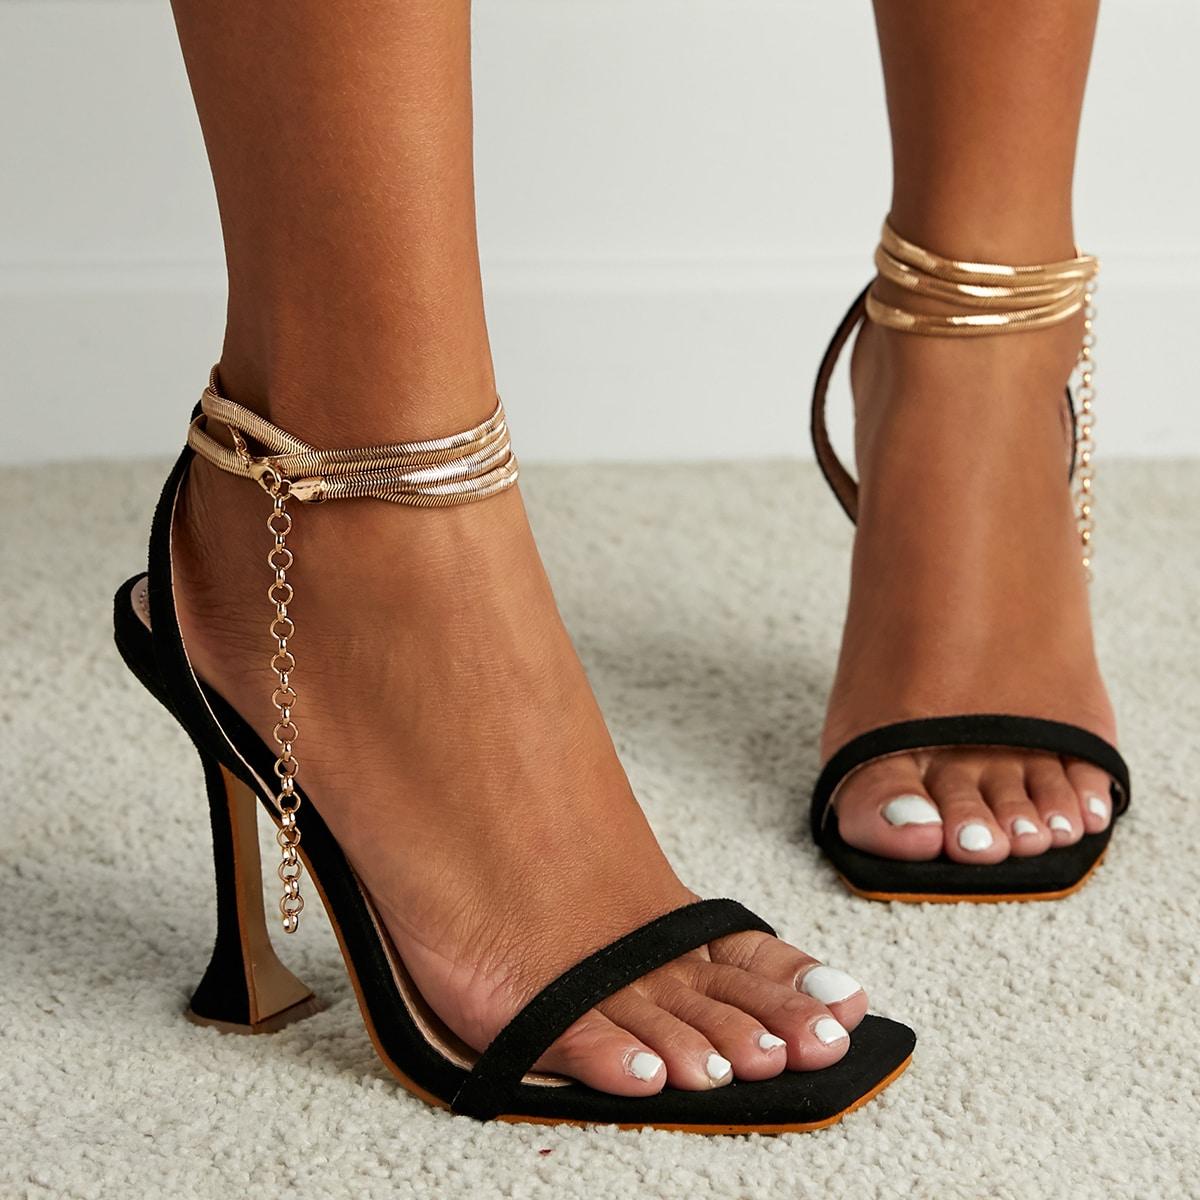 Сандалии на каблуке с цепочкой